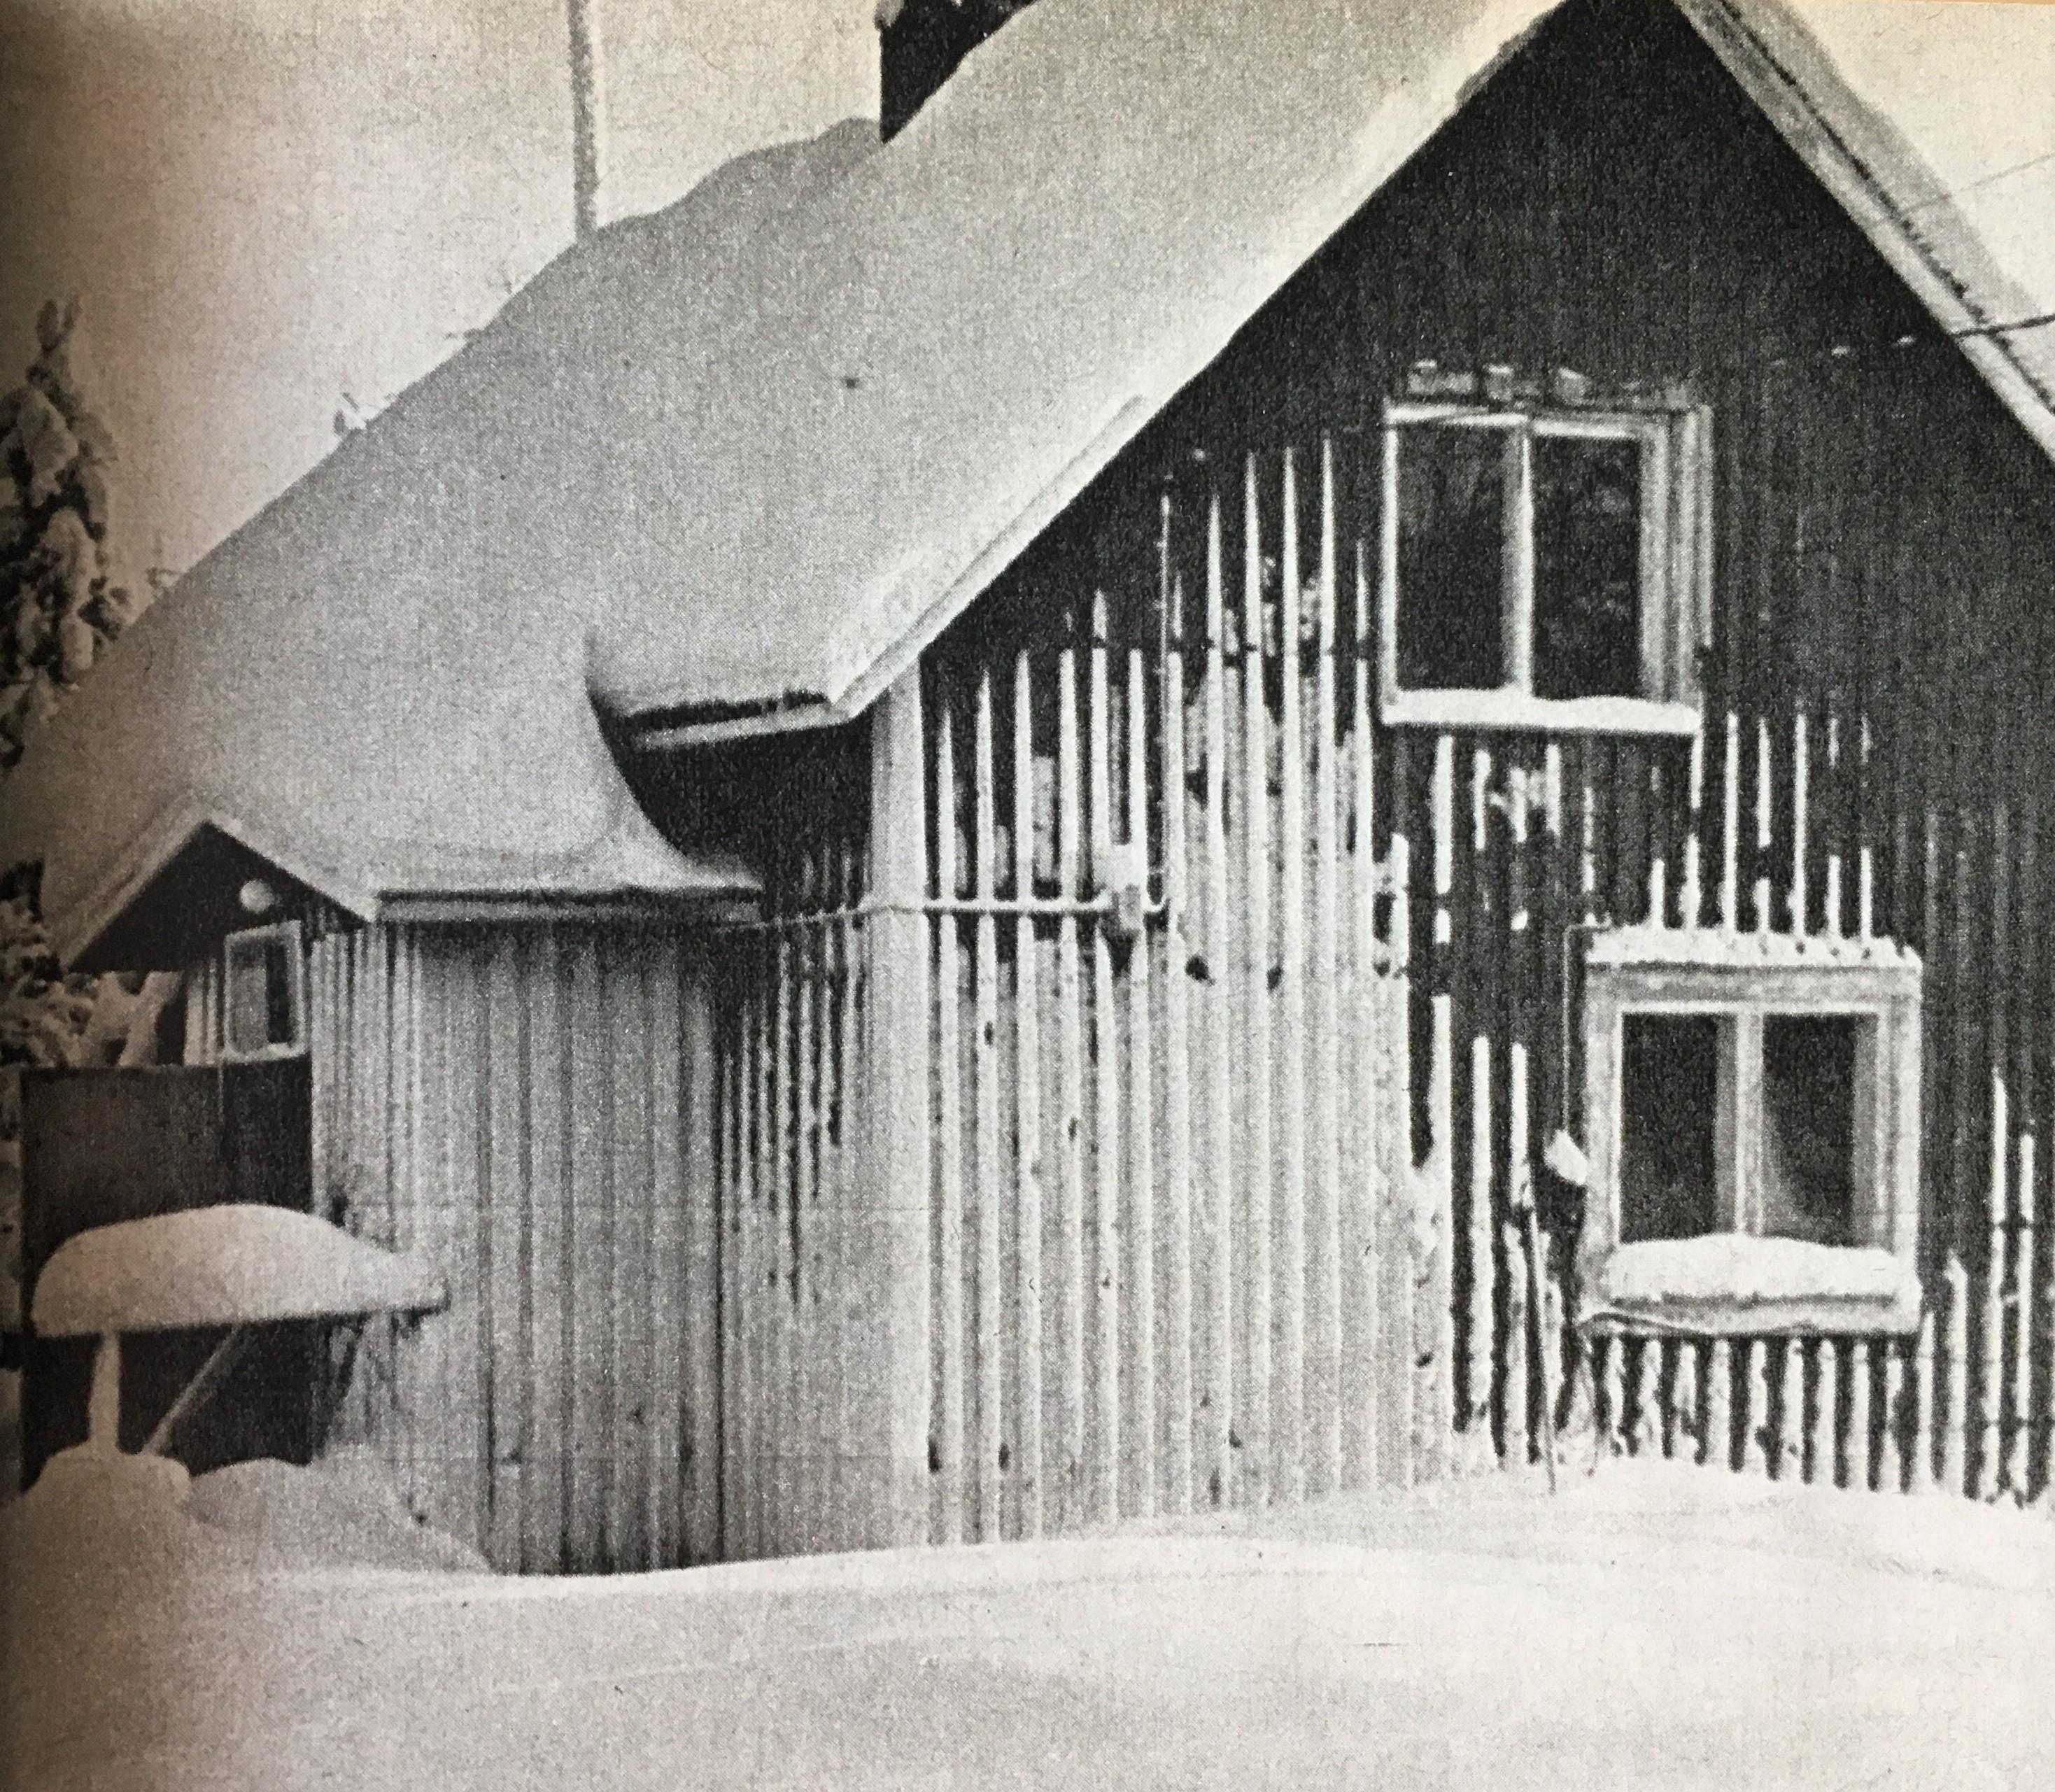 Korkkosen perheen talo on vaatimaton näköinen ulkoapäin, mutta se on silti aivan eri luokkaa kuin entinen asunto. Isä Reijo on kunnostanut taloa sisältä. Seuraavaksi korjaillaan ulkolaudoitusta.